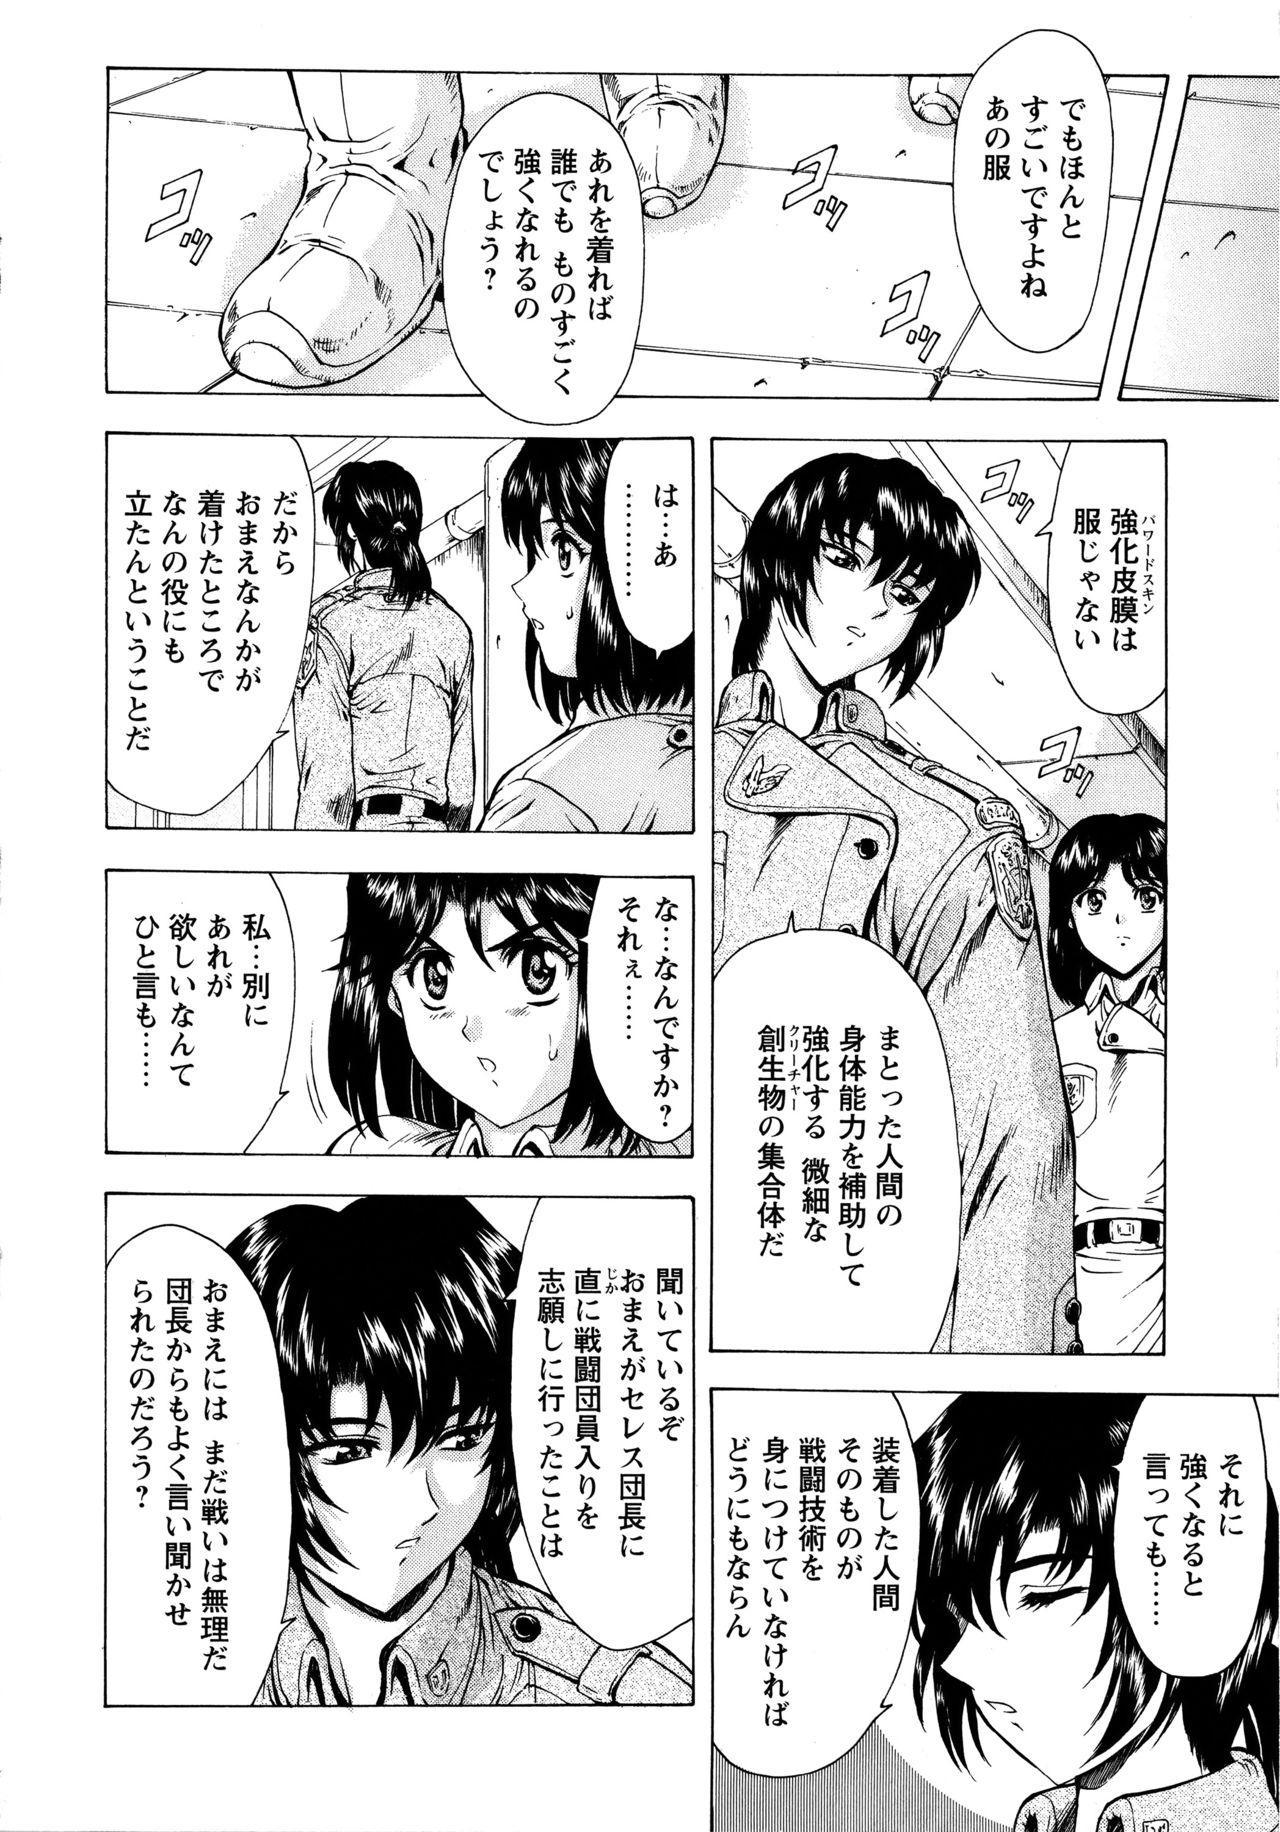 Ginryuu no Reimei Vol. 1 21